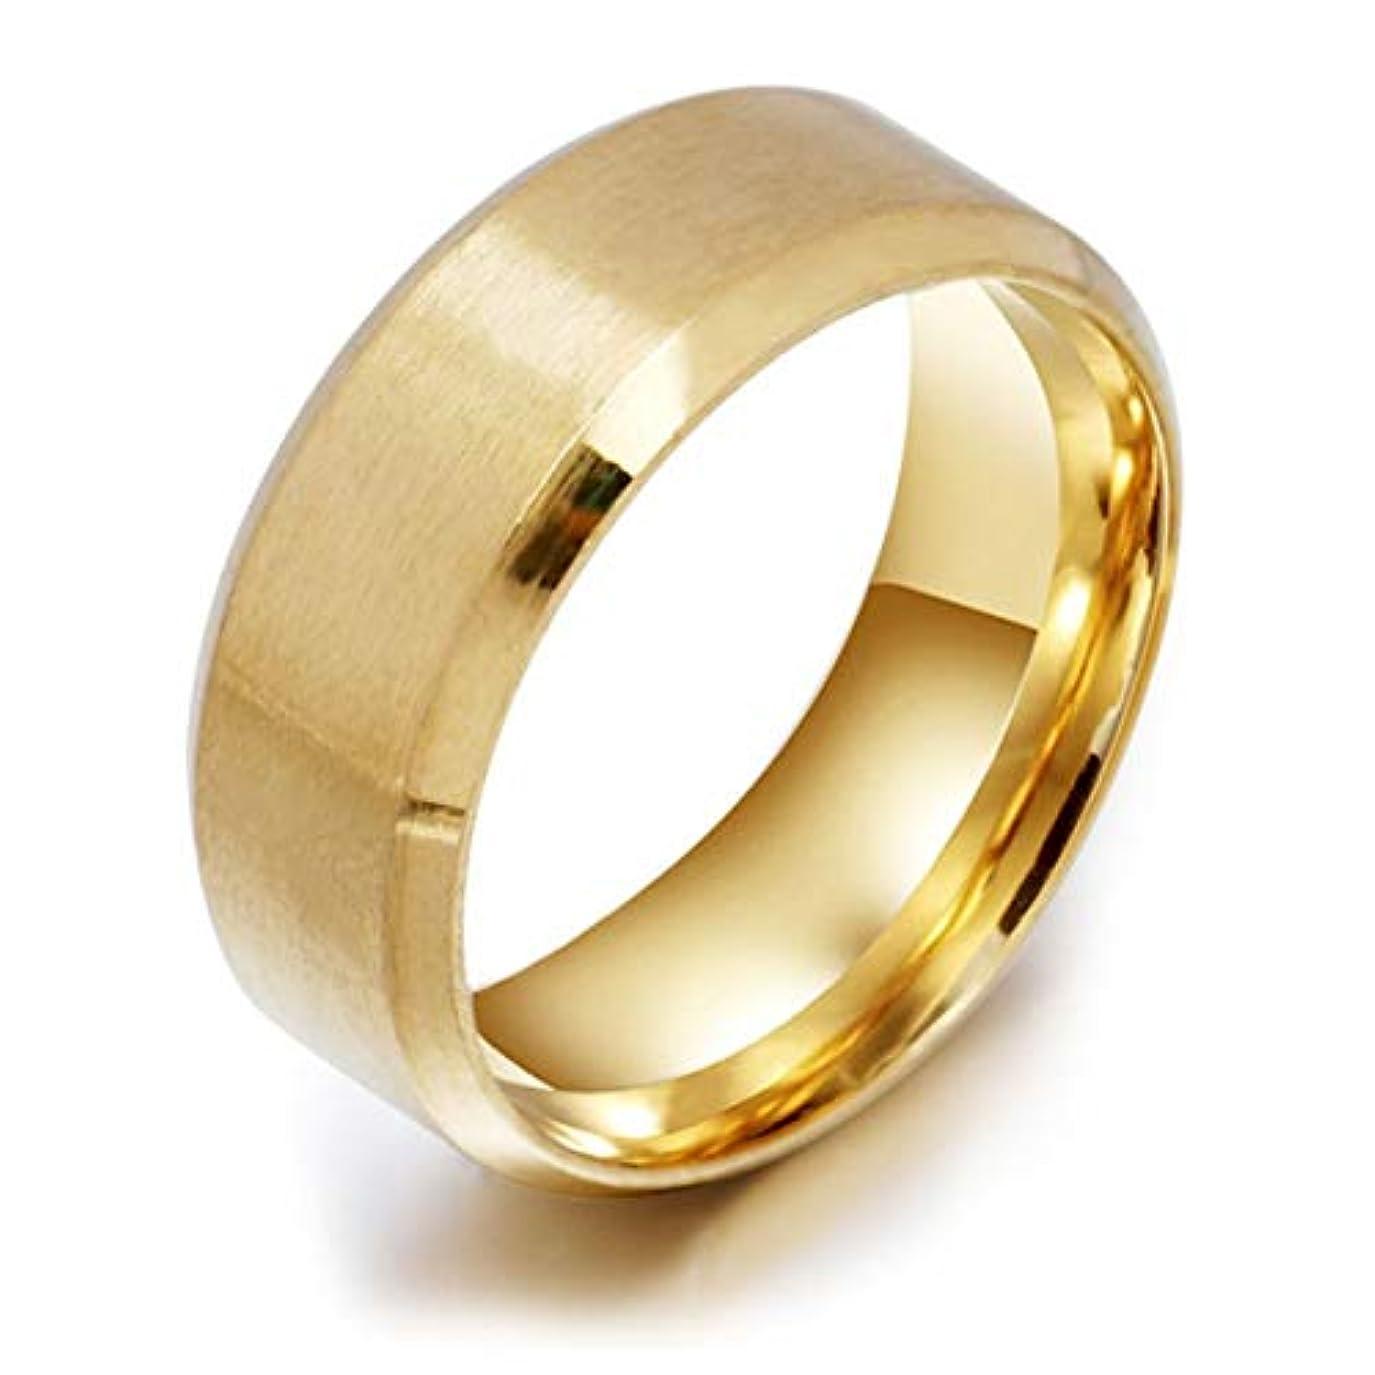 つまらない周りオセアニアステンレス鋼の医療指リング磁気減量リング男性のための高いポーランドのファッションジュエリー女性リング-ゴールド10